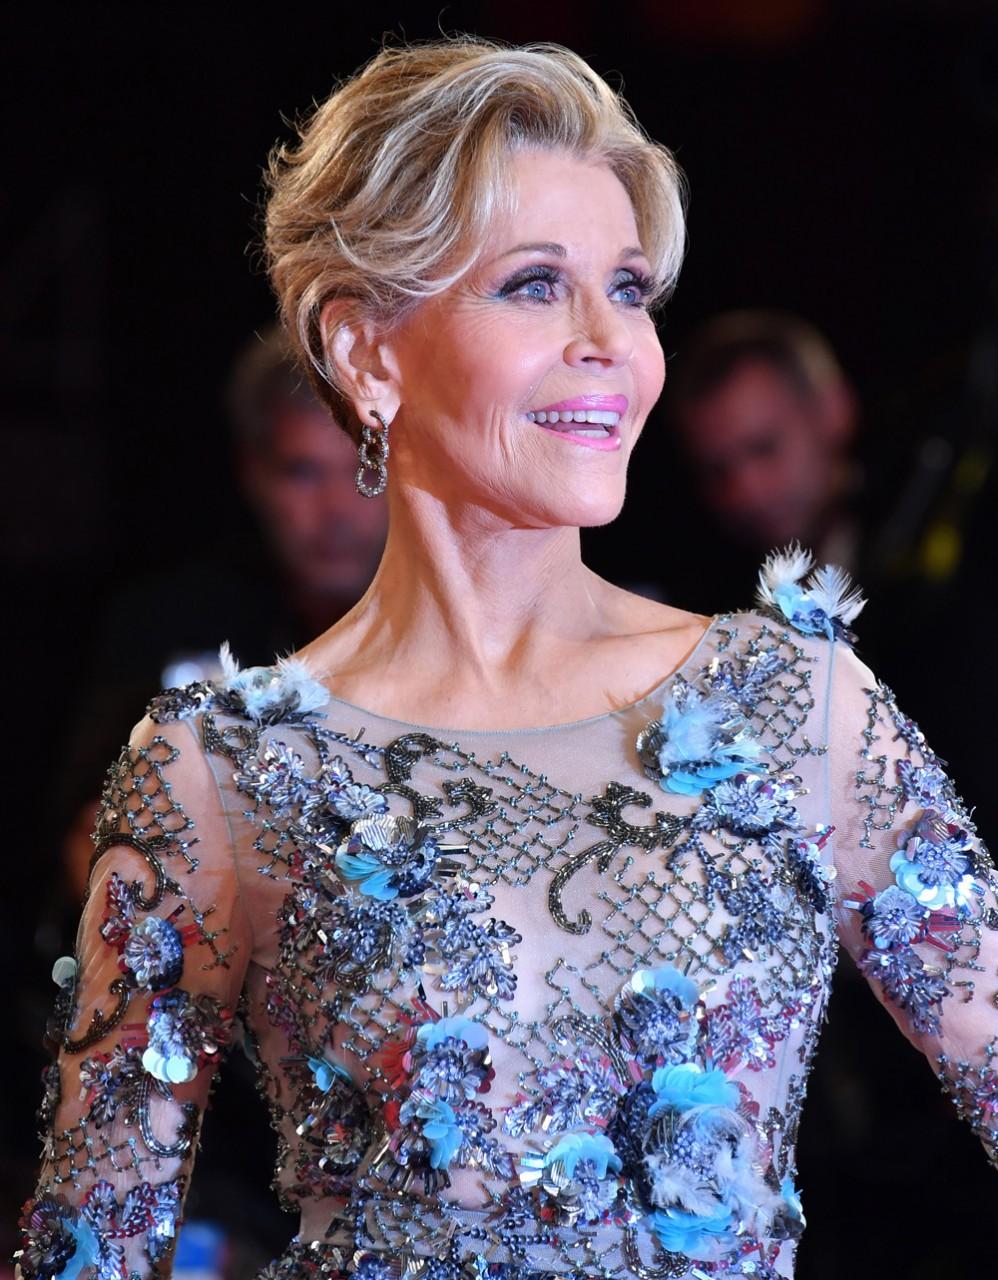 Какие наши годы —  Джейн Фонда в полупрозрачном платье от Marchesa дала фору сорокалетним!